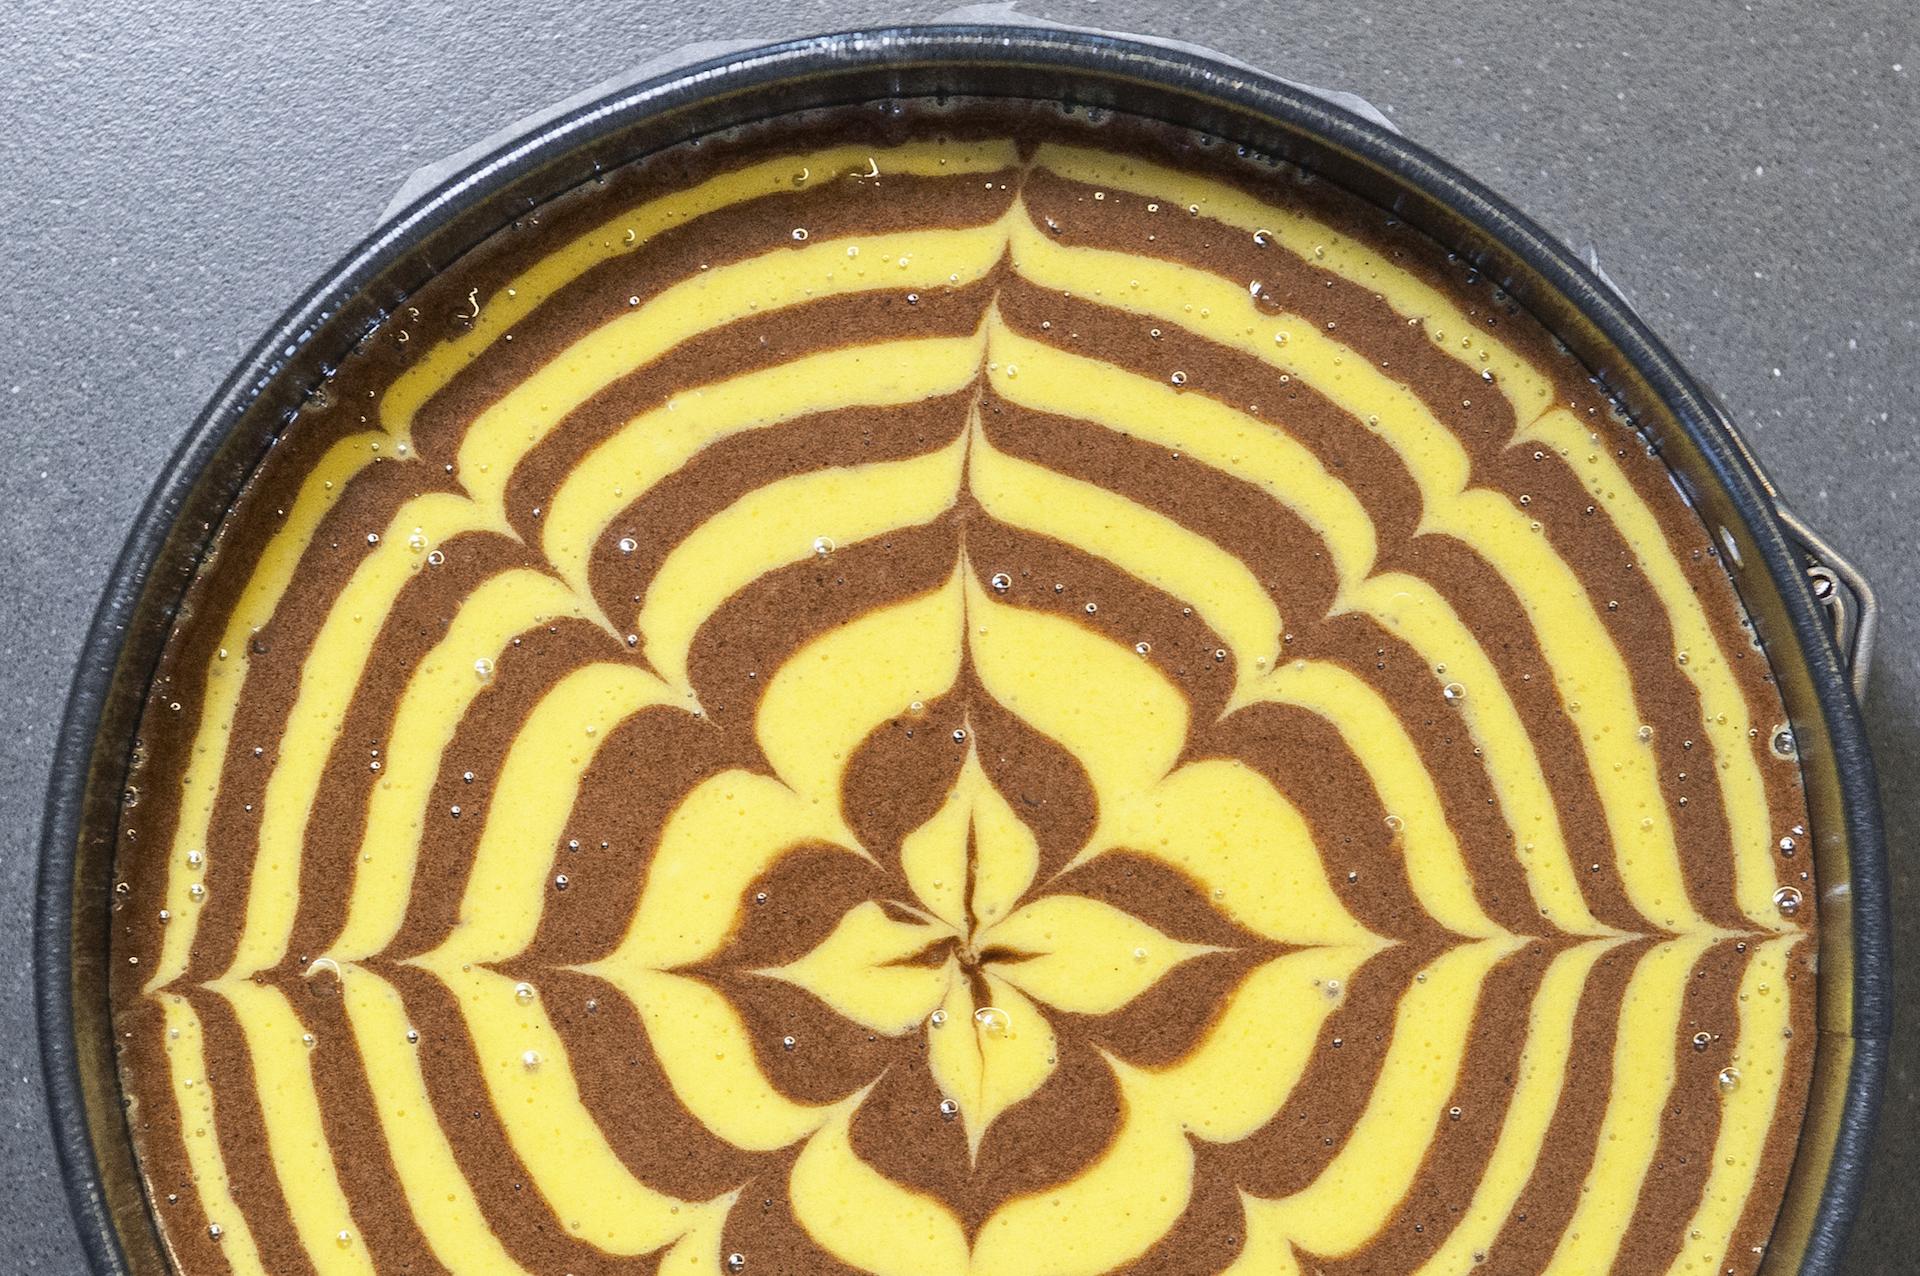 Valeria Rossi prepara la Torta Tigrata alle mandorle. Pane per i tuoi denti. Verona, maggio 2015.